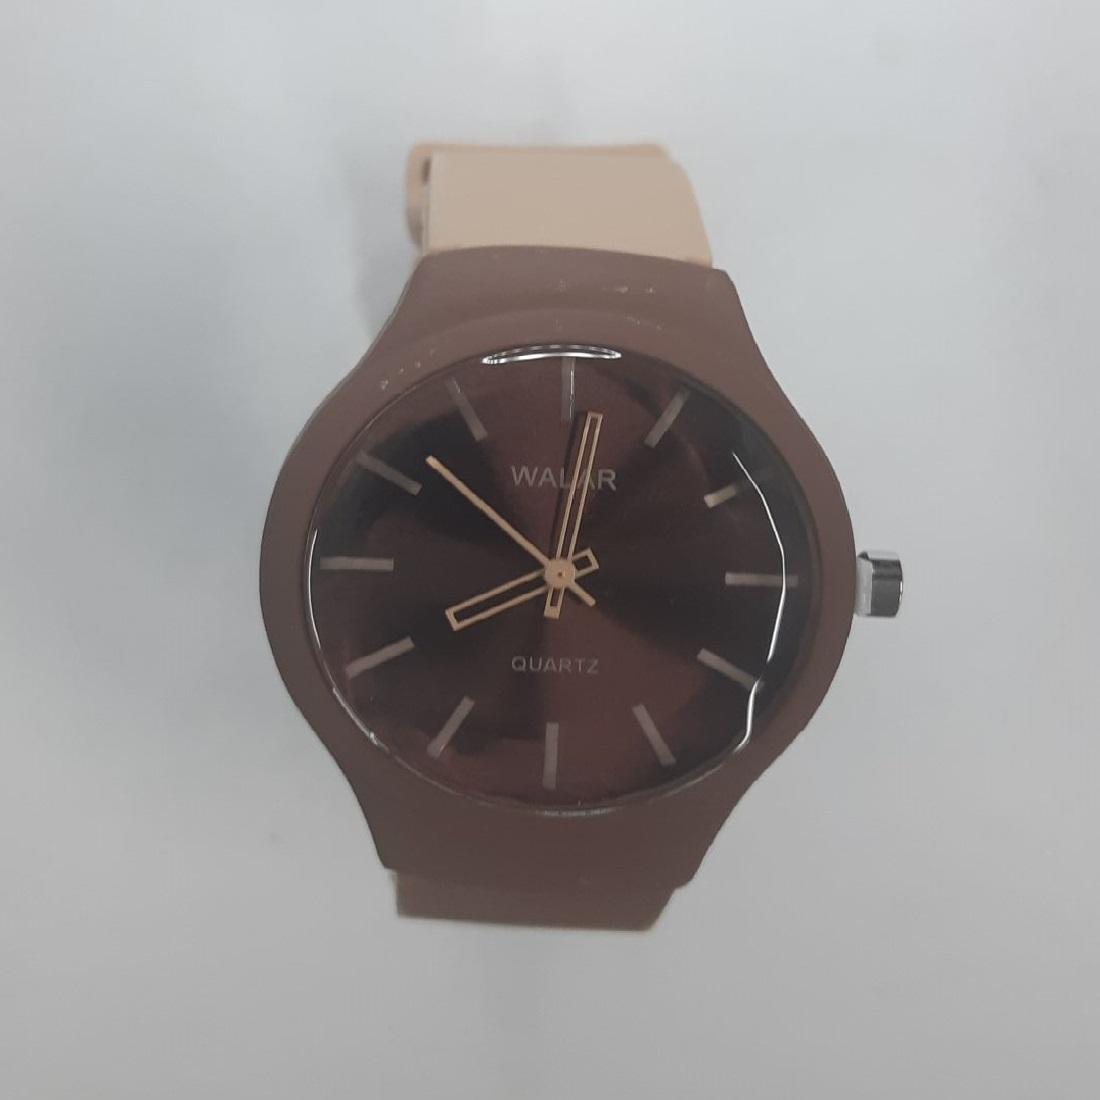 ساعت مچی عقربه ای والار مدل gh/k201